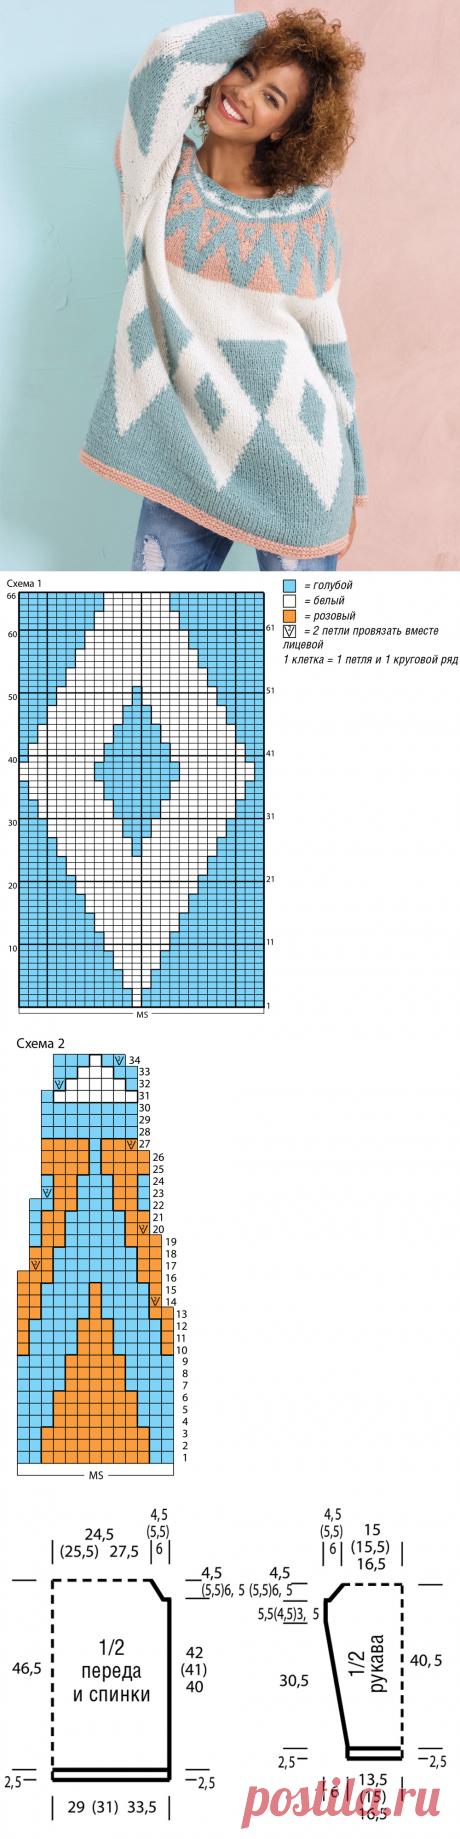 Жаккардовый джемпер-оверсайз - схема вязания спицами. Вяжем Джемперы на Verena.ru